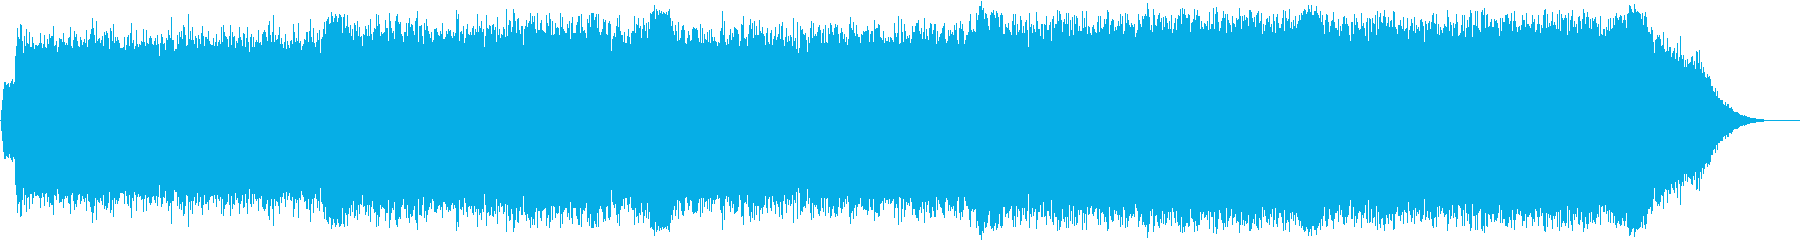 シンセの幻想的なニューエイジの再生済みの波形